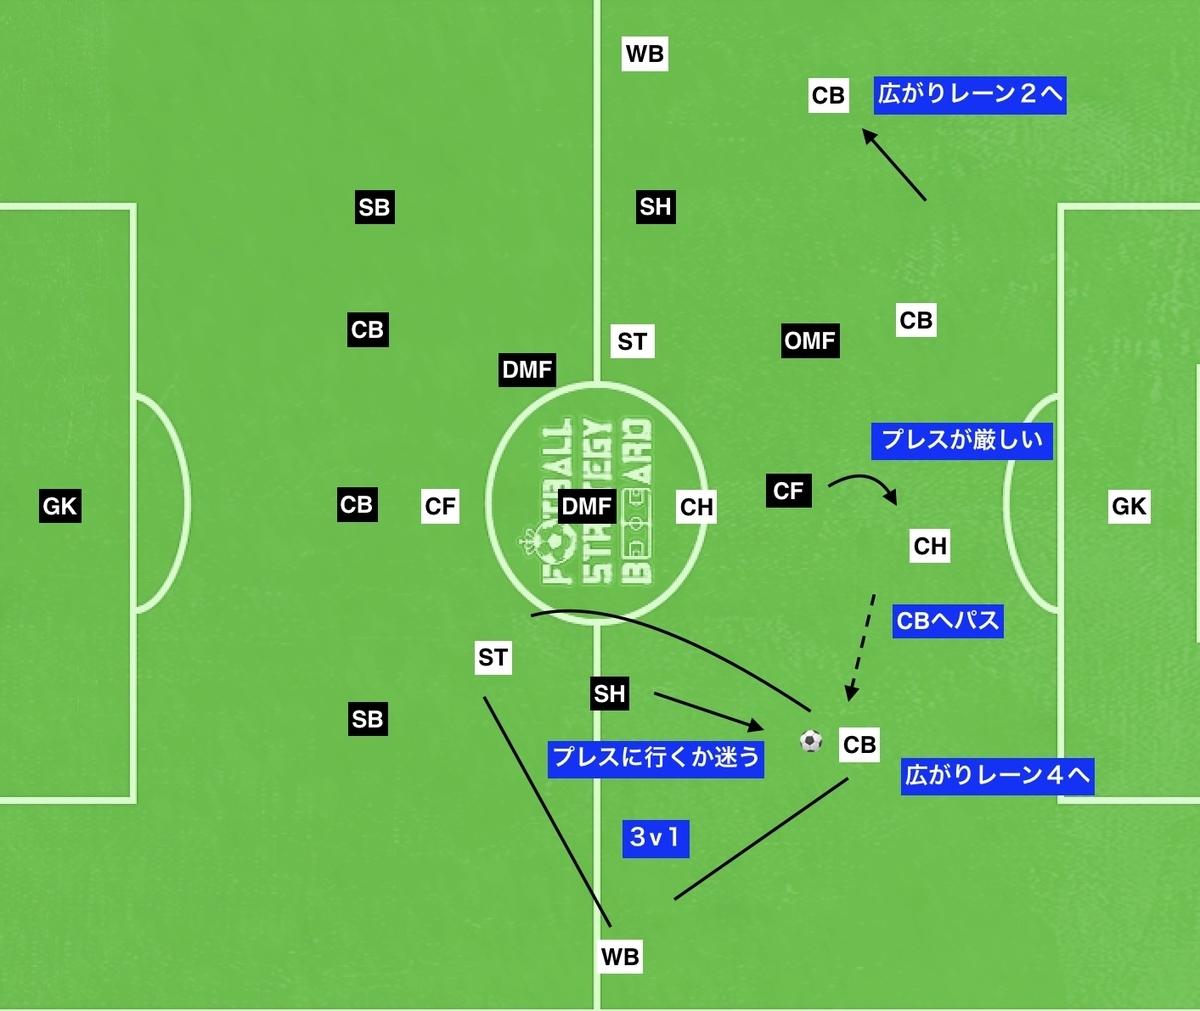 f:id:football-analyst:20190801112443j:plain